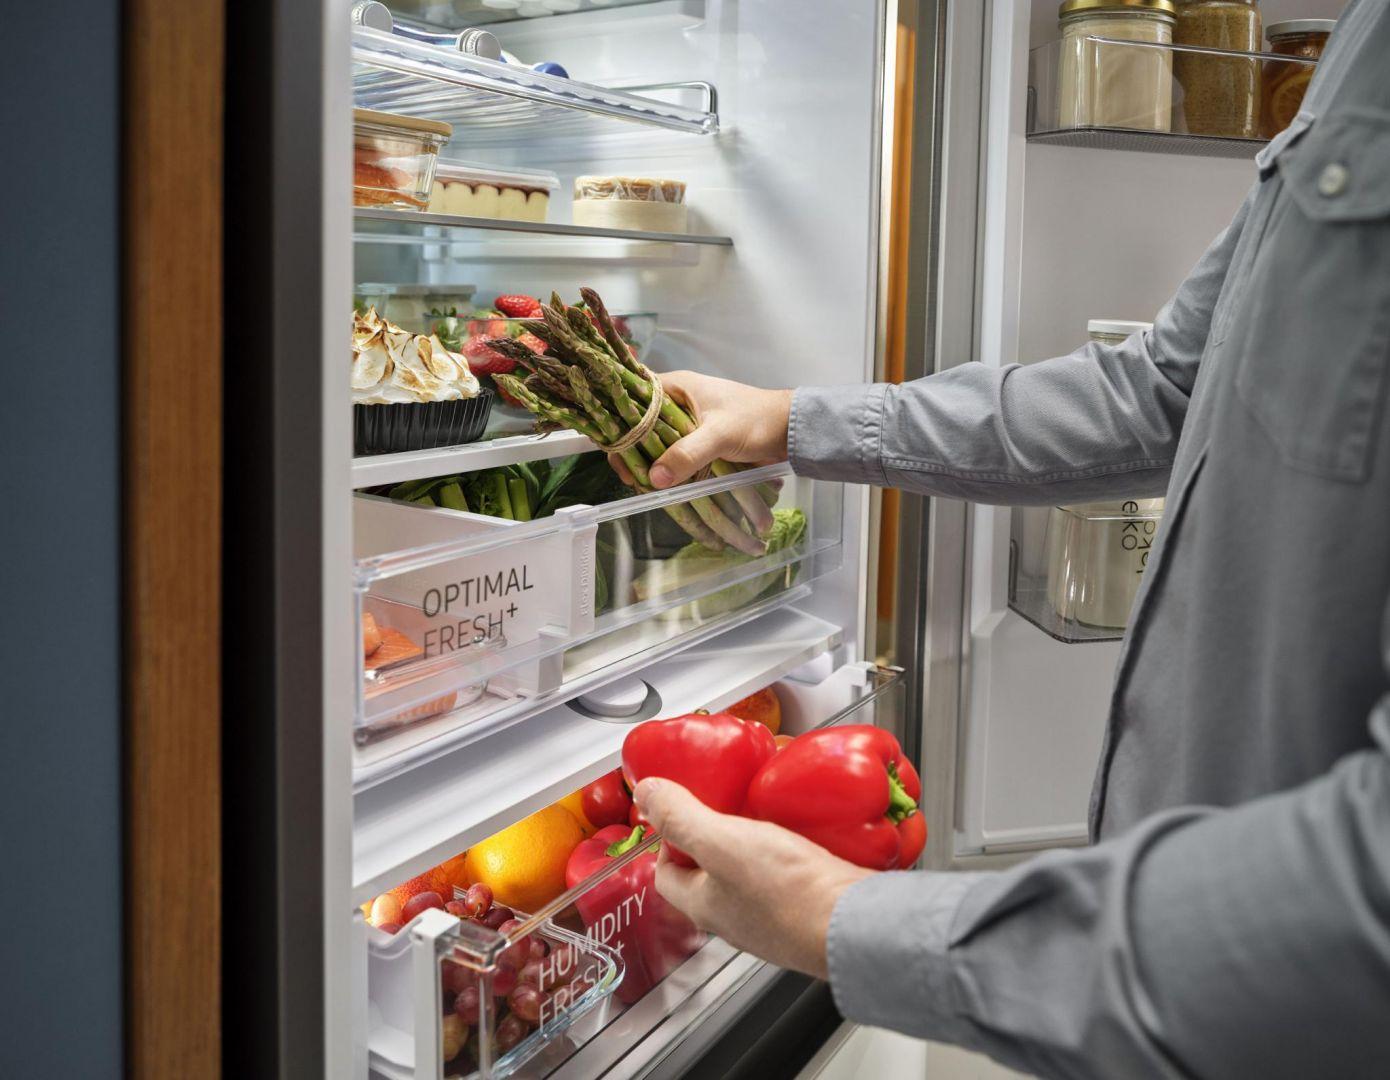 Spośród uczestników badania aż 48% twierdzi, że w lodówce brakuje im miejsca na produkty i pojemniki, a 41% z nich miewa problemy ze zmieszczeniem ciasta lub tortu. Fot. Samsung